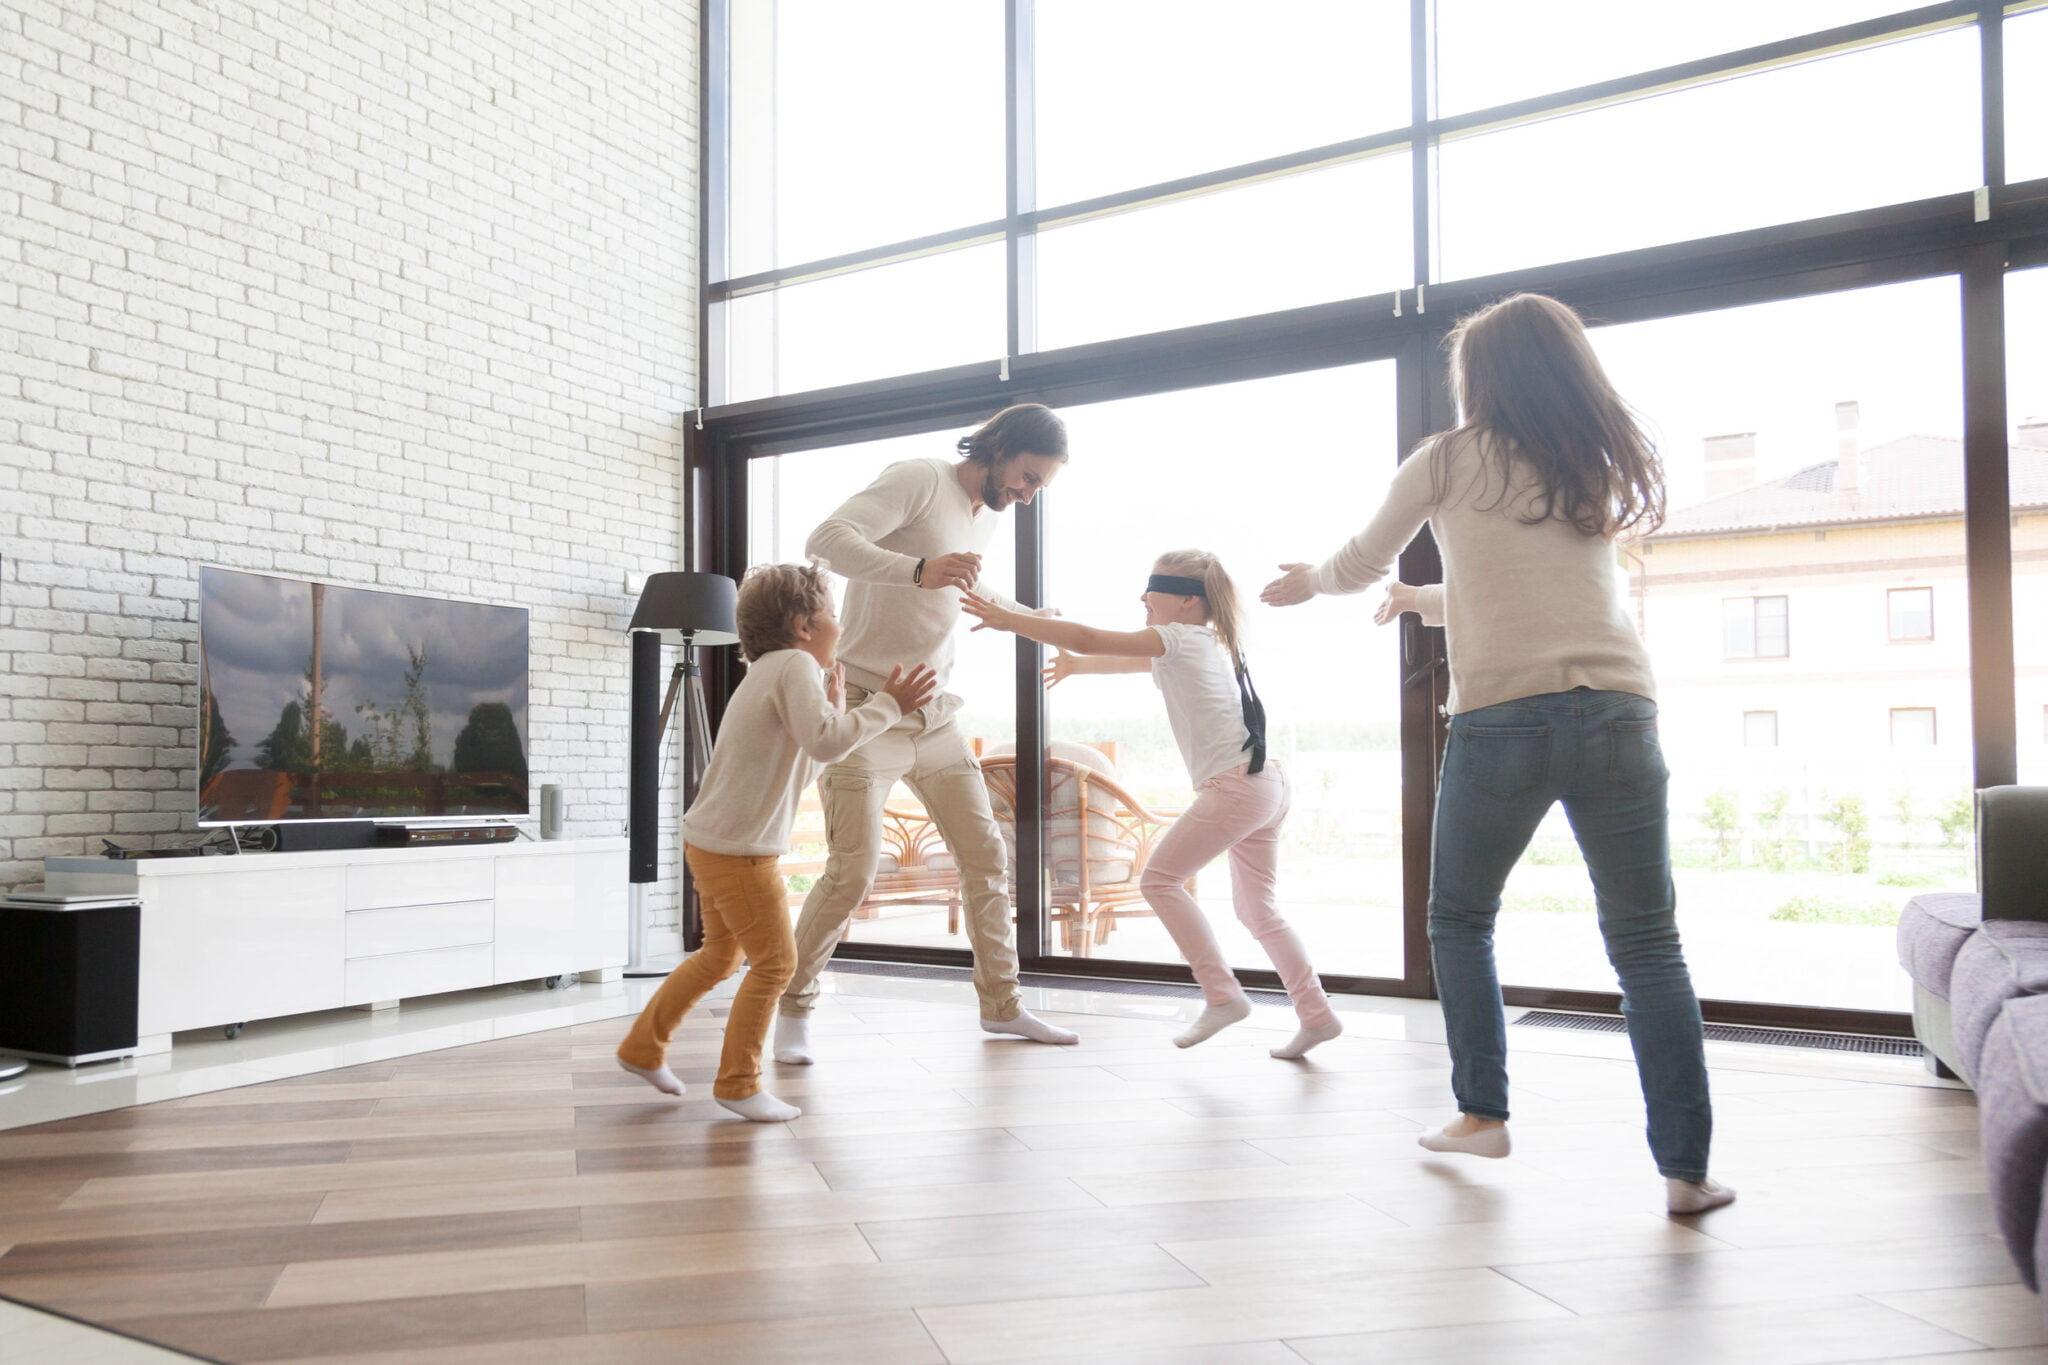 Kindvriendelijke vloer; pvc, vinyl of laminaat kopen? - Mamaliefde.nl